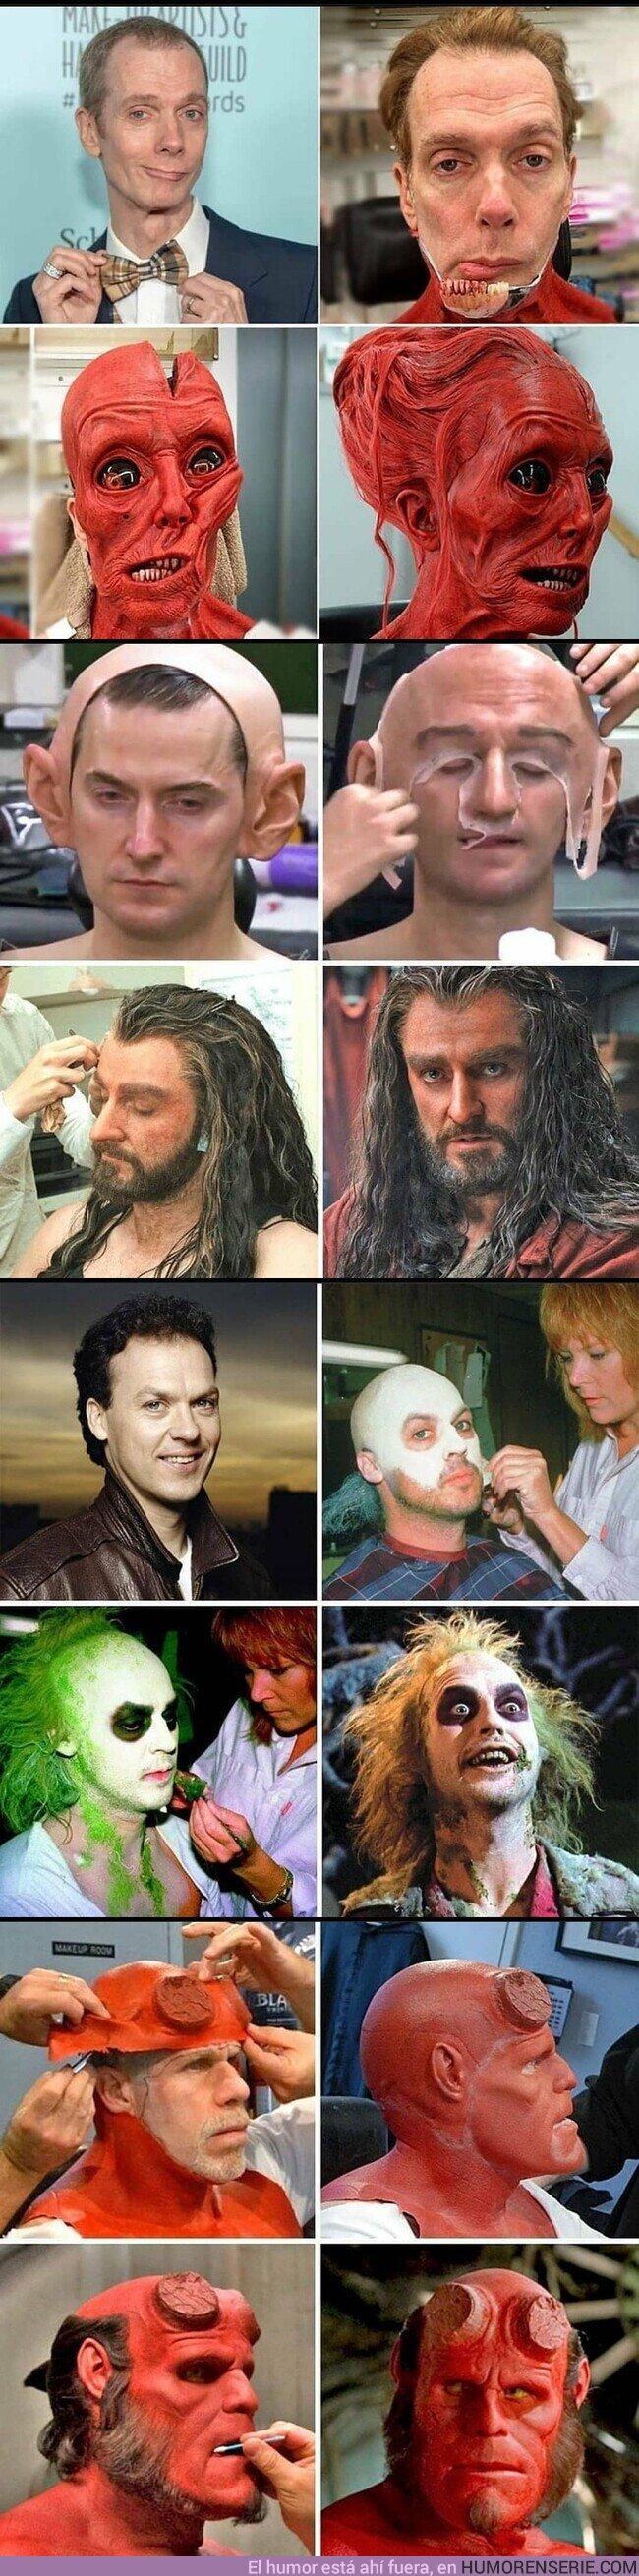 53605 - El impresionante antes y después de los efectos de maquillaje en películas de Hollywood